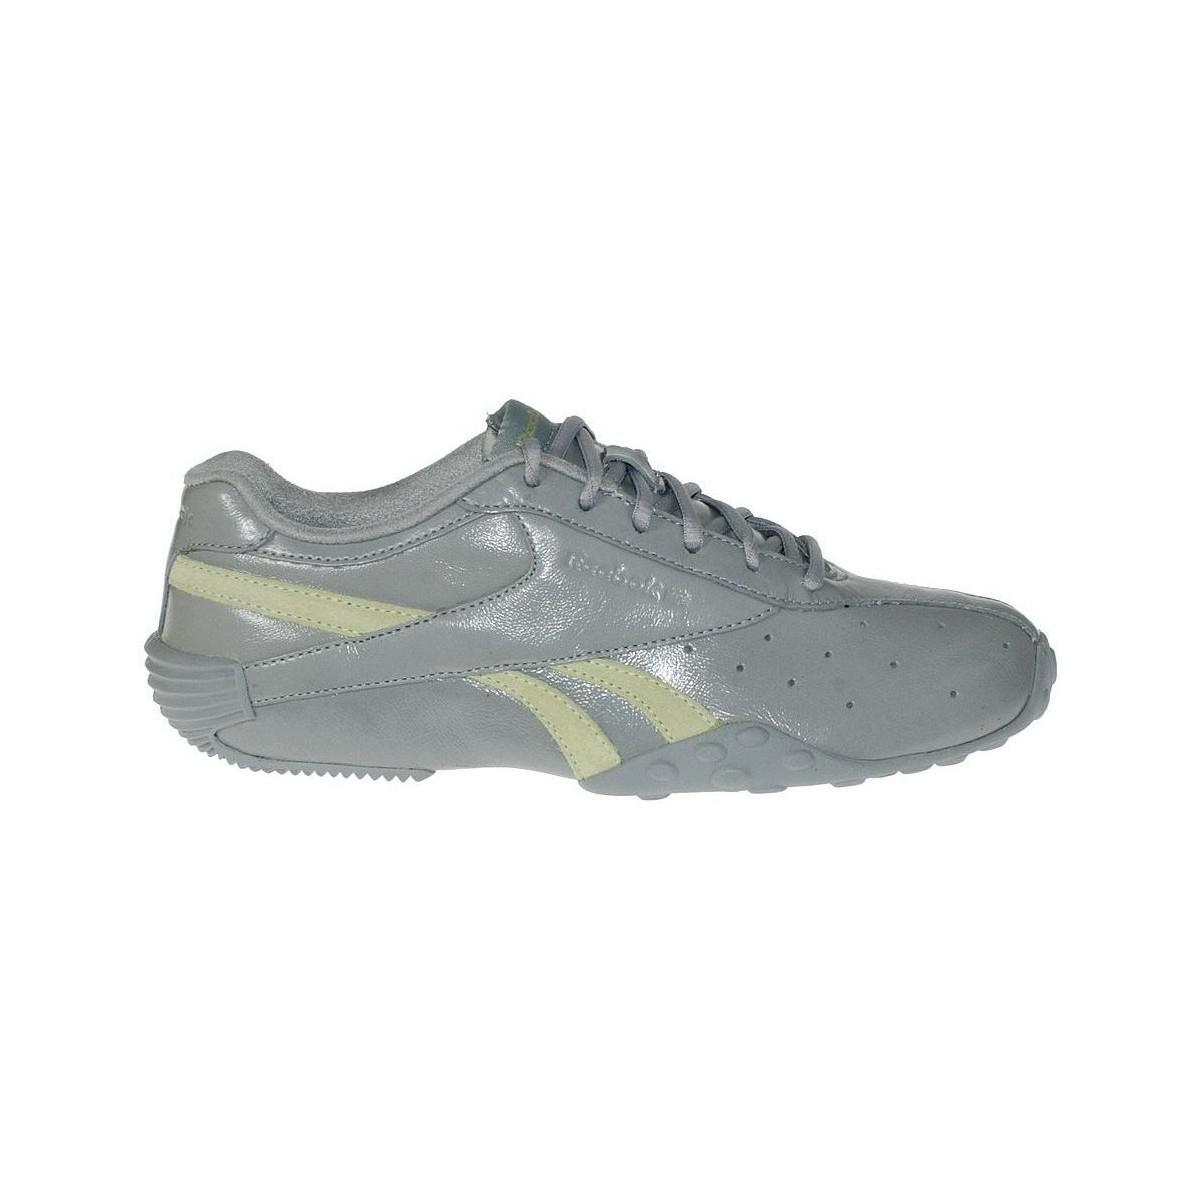 Reebok Vanta Crisp Women s Shoes (trainers) In Green in Green - Lyst 60fcb0a9e